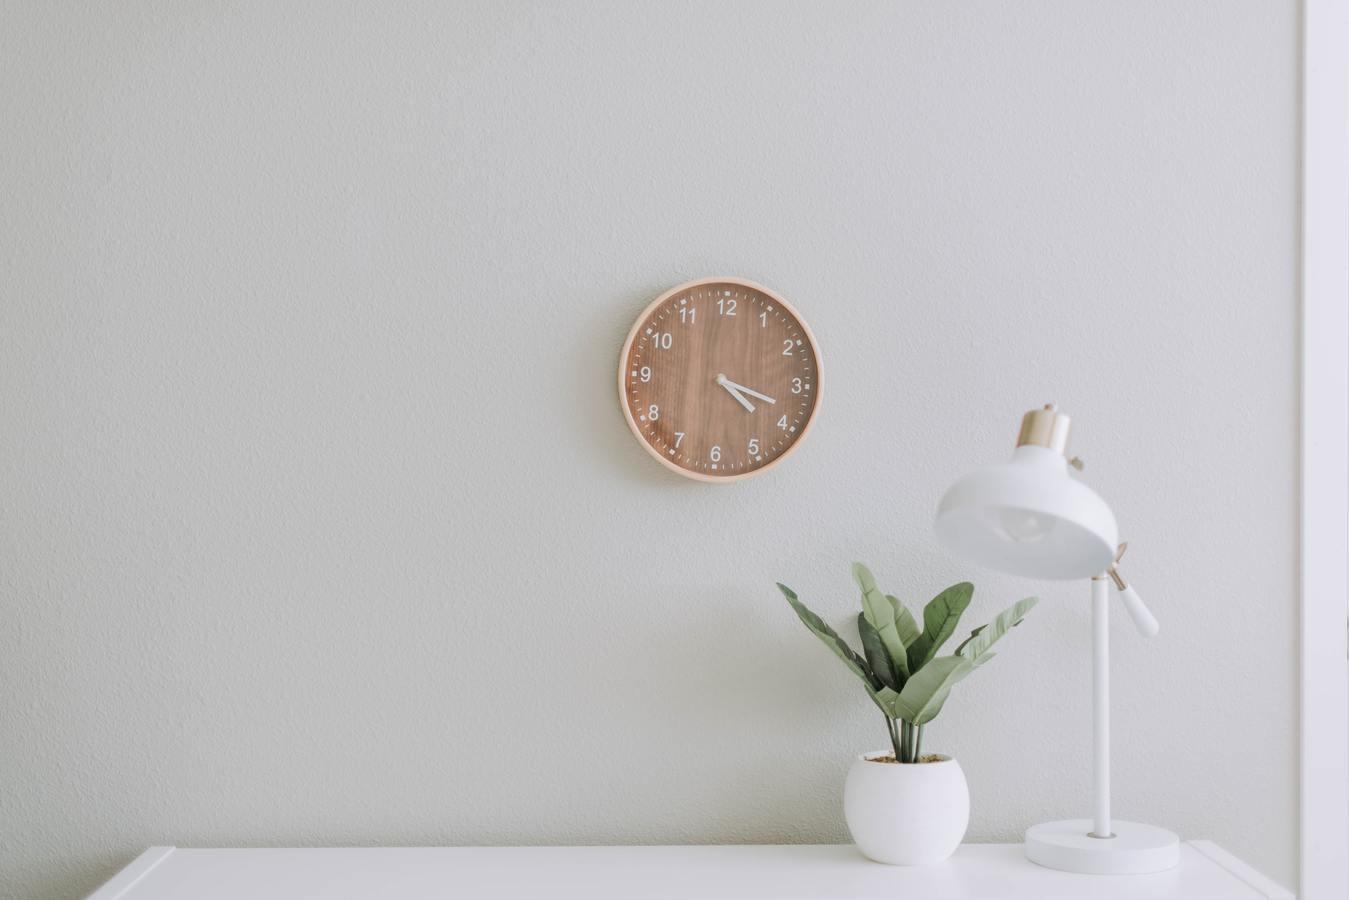 Jam dinding, tanaman dan lampu di atas meja